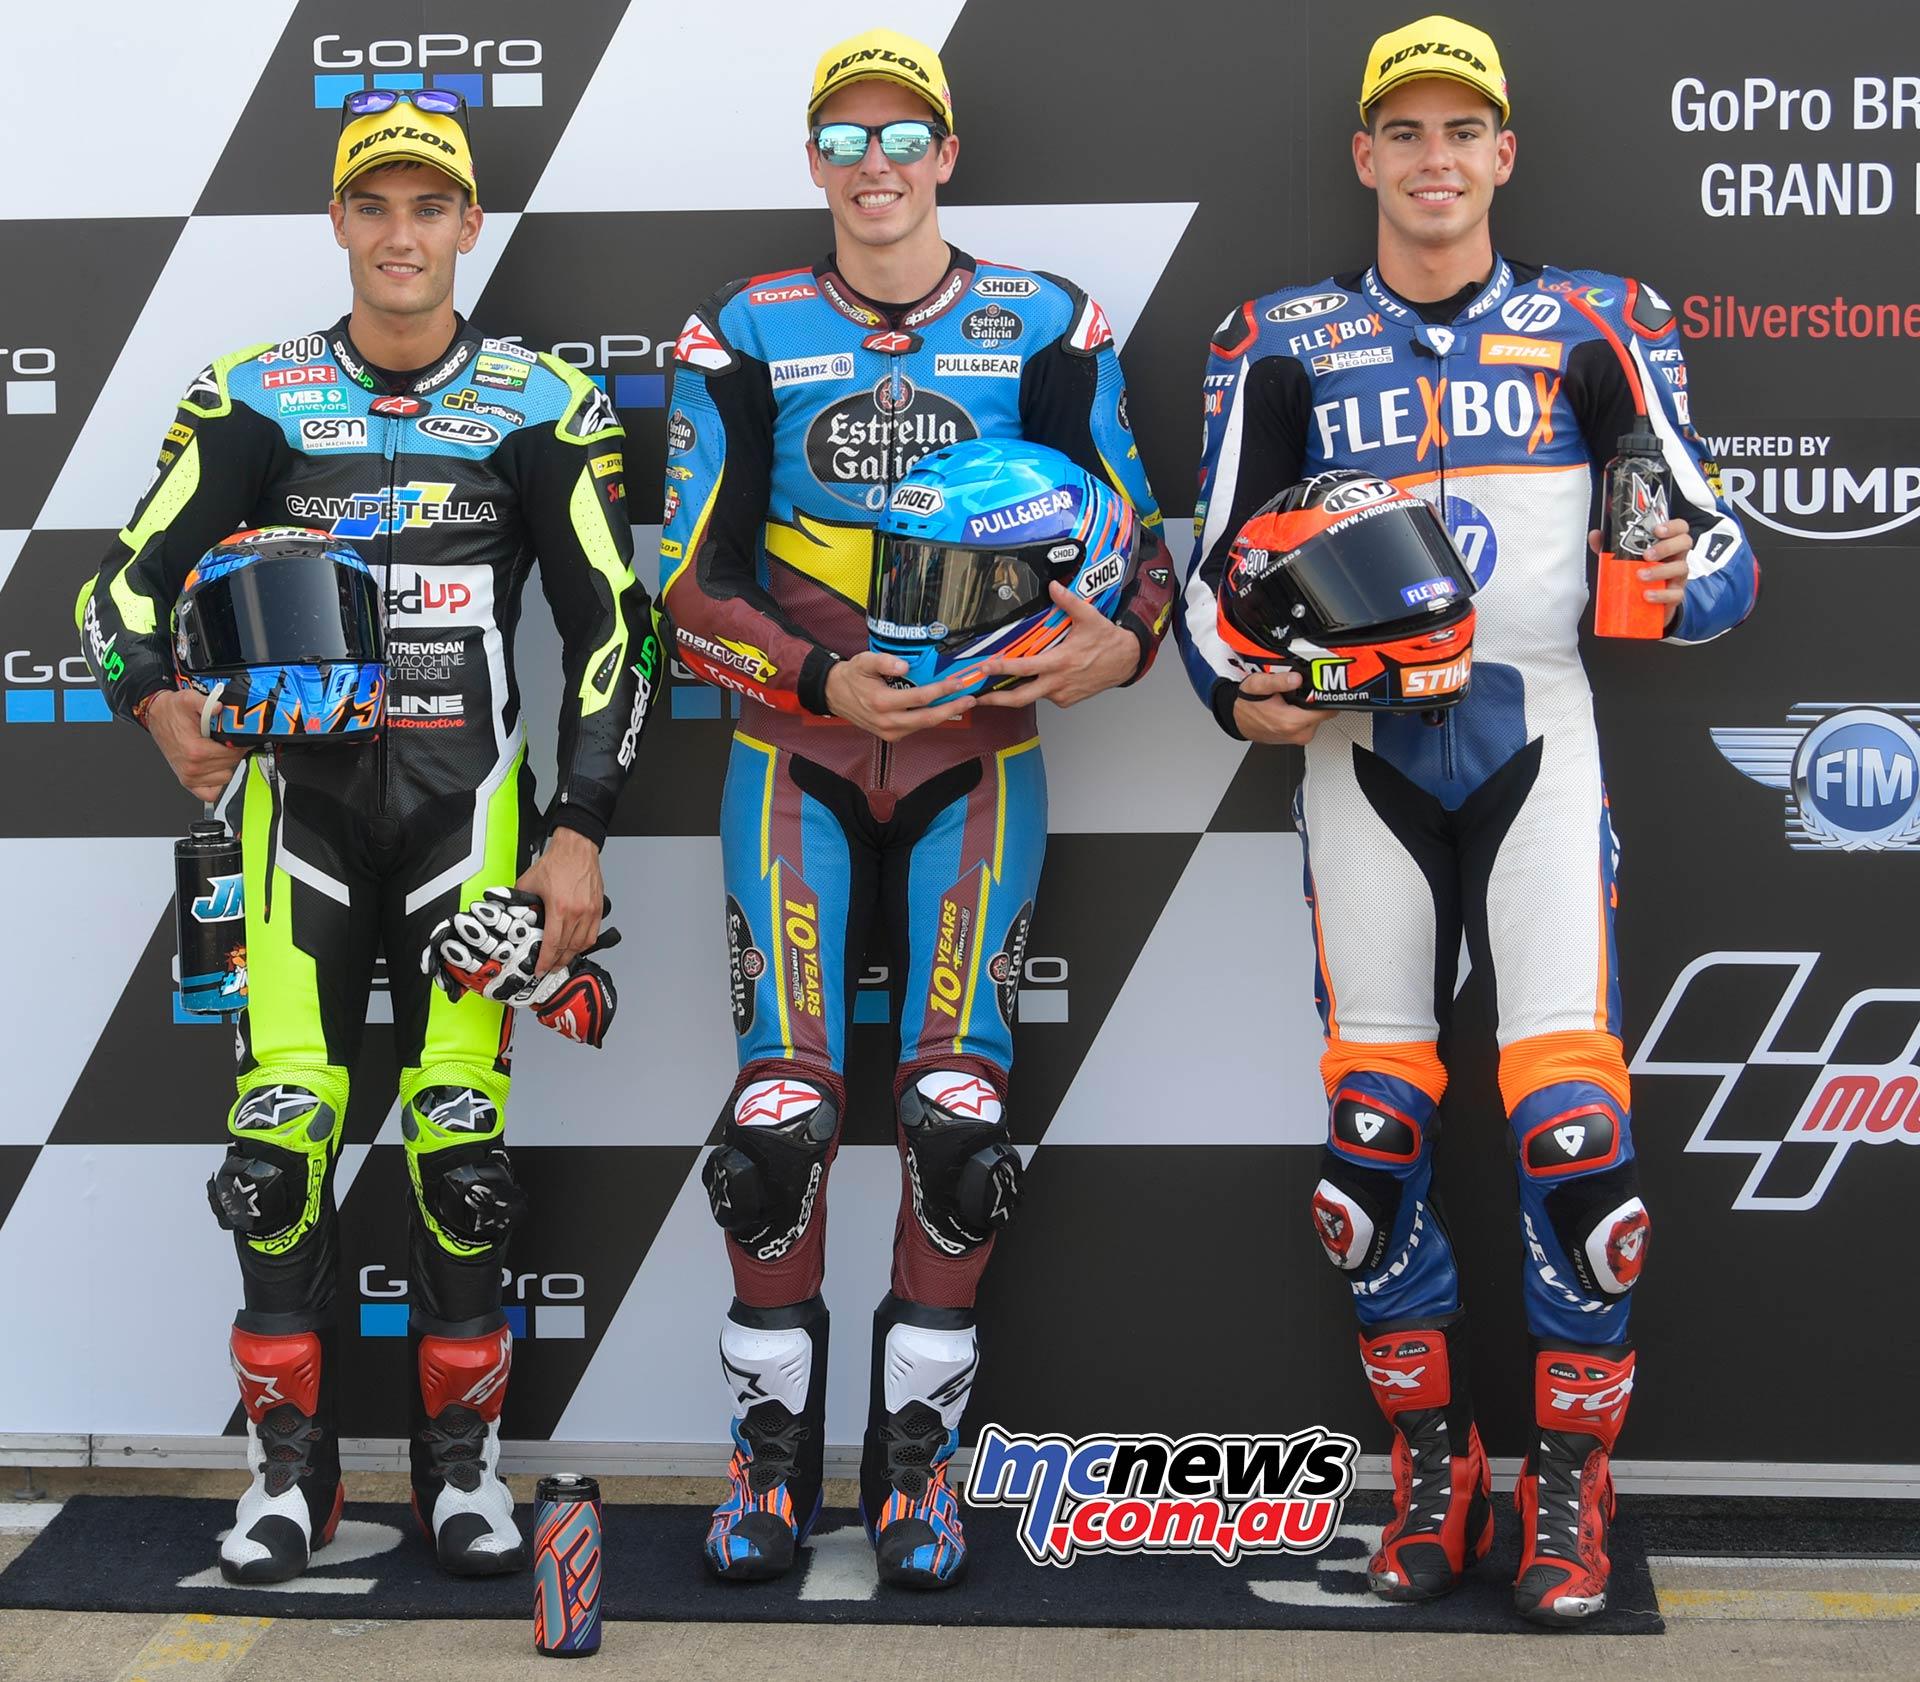 MotoGP Rnd Silverstone QP Moto Pole Alex Marquez